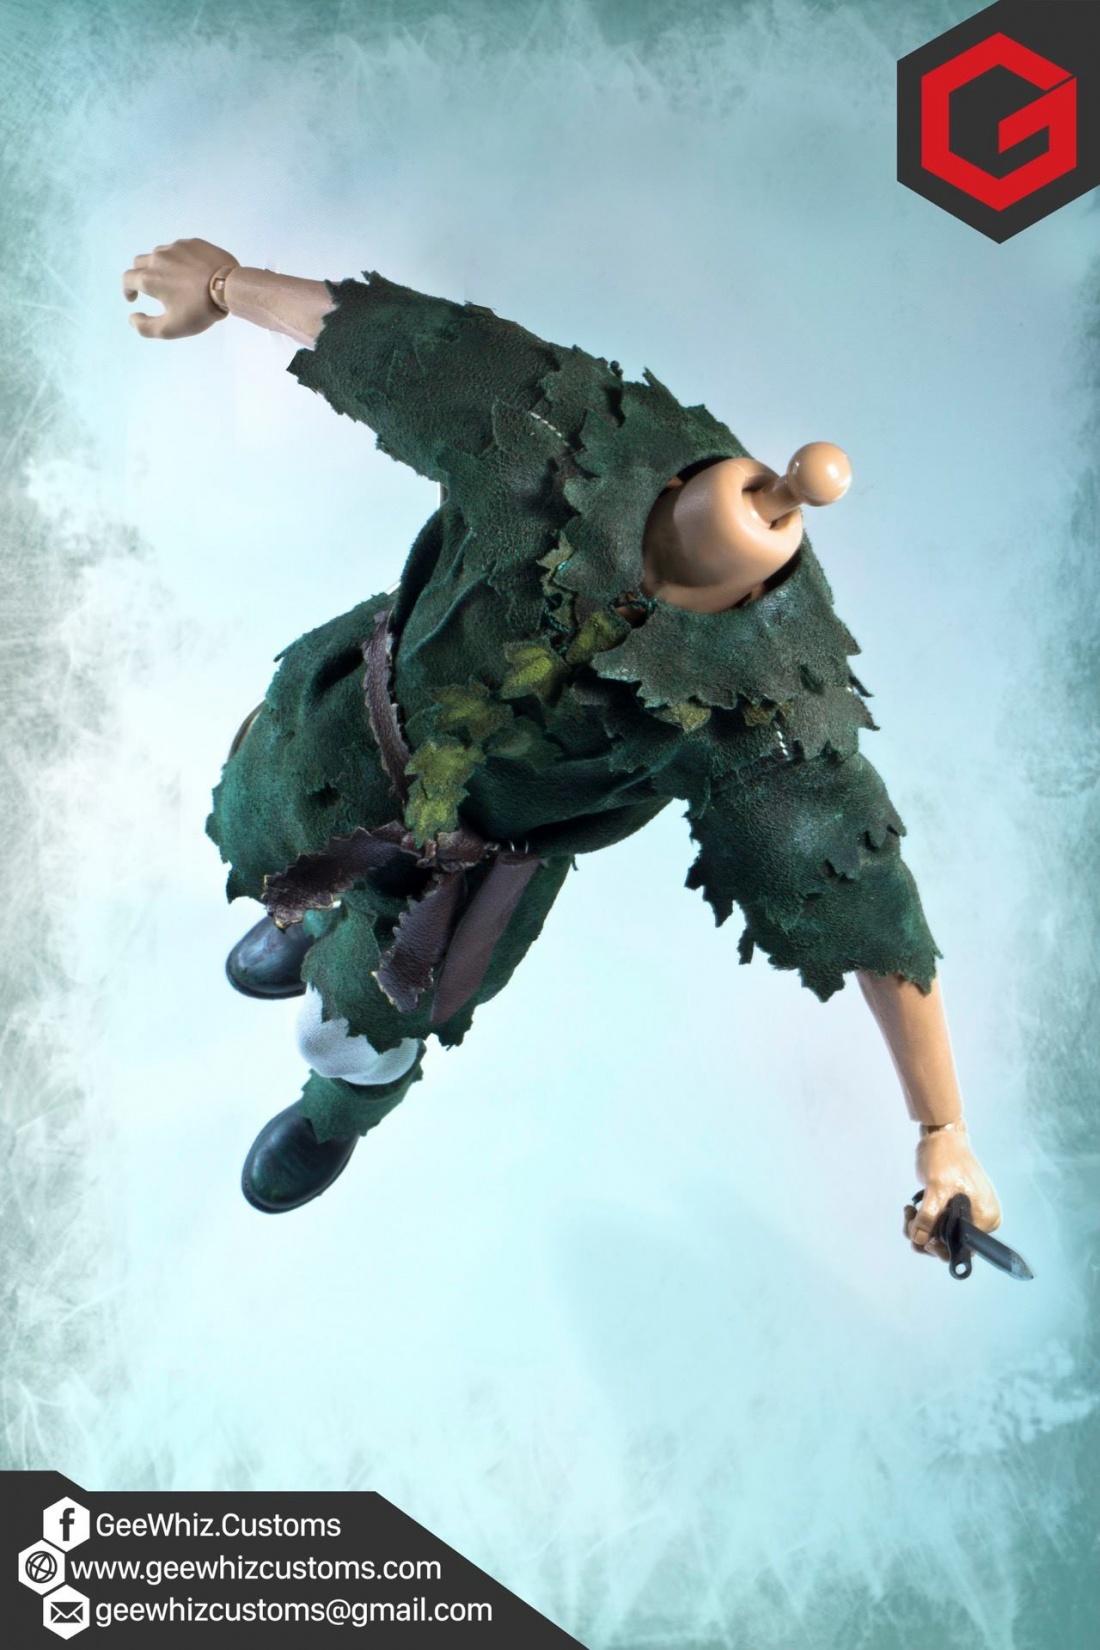 Geewhiz Customs: Custom 1/6 Scale Peter Pan (Hook) Clothing